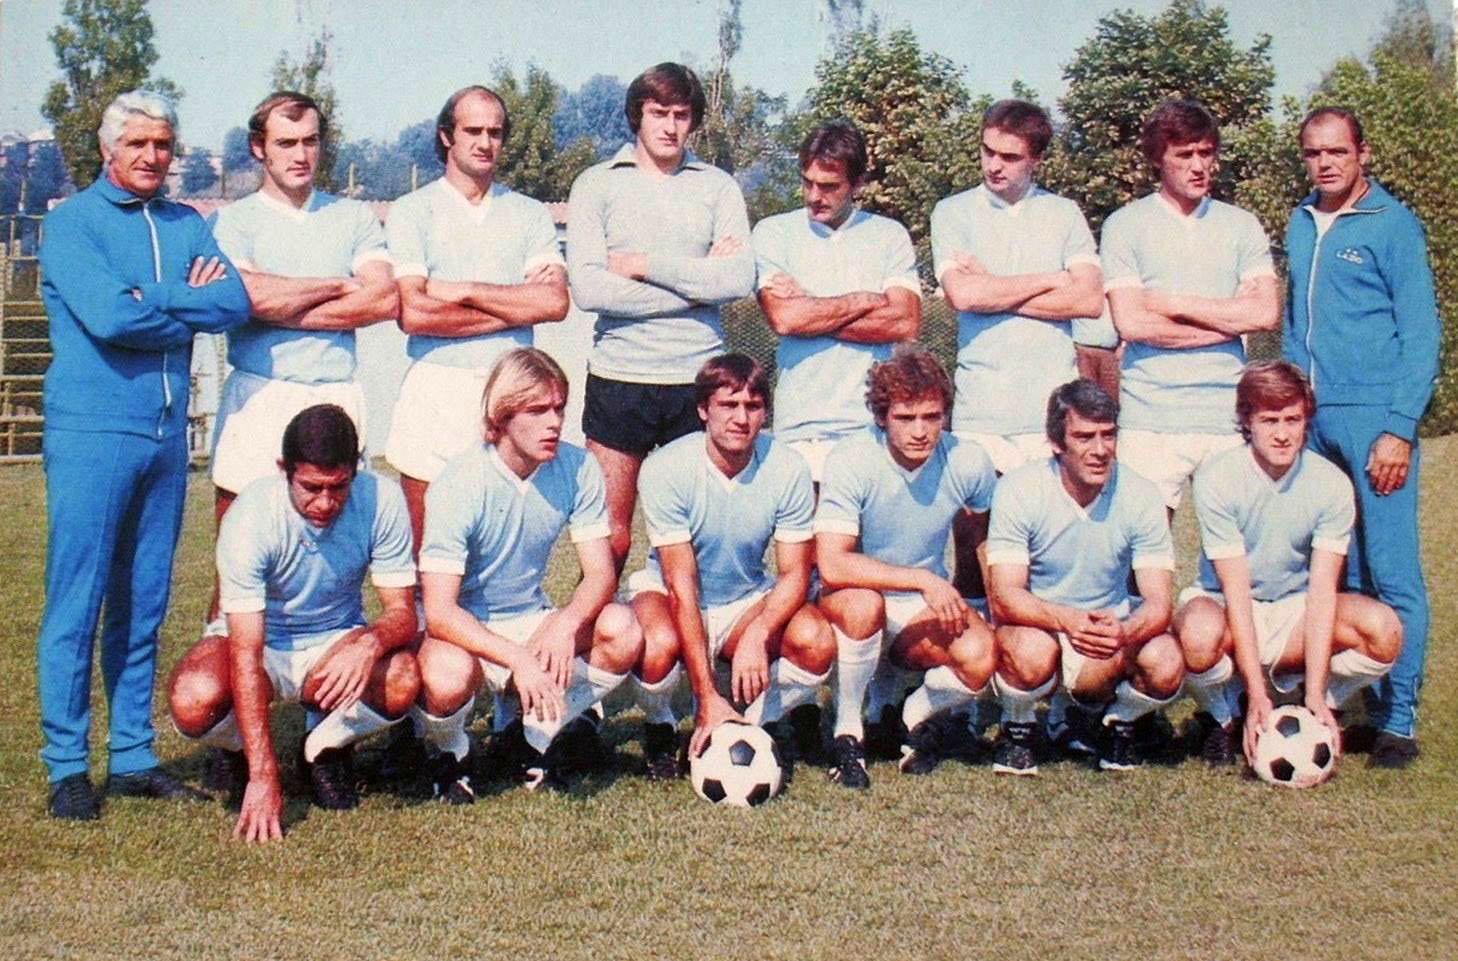 Società Sportiva Lazio 1977-1978 - Wikipedia